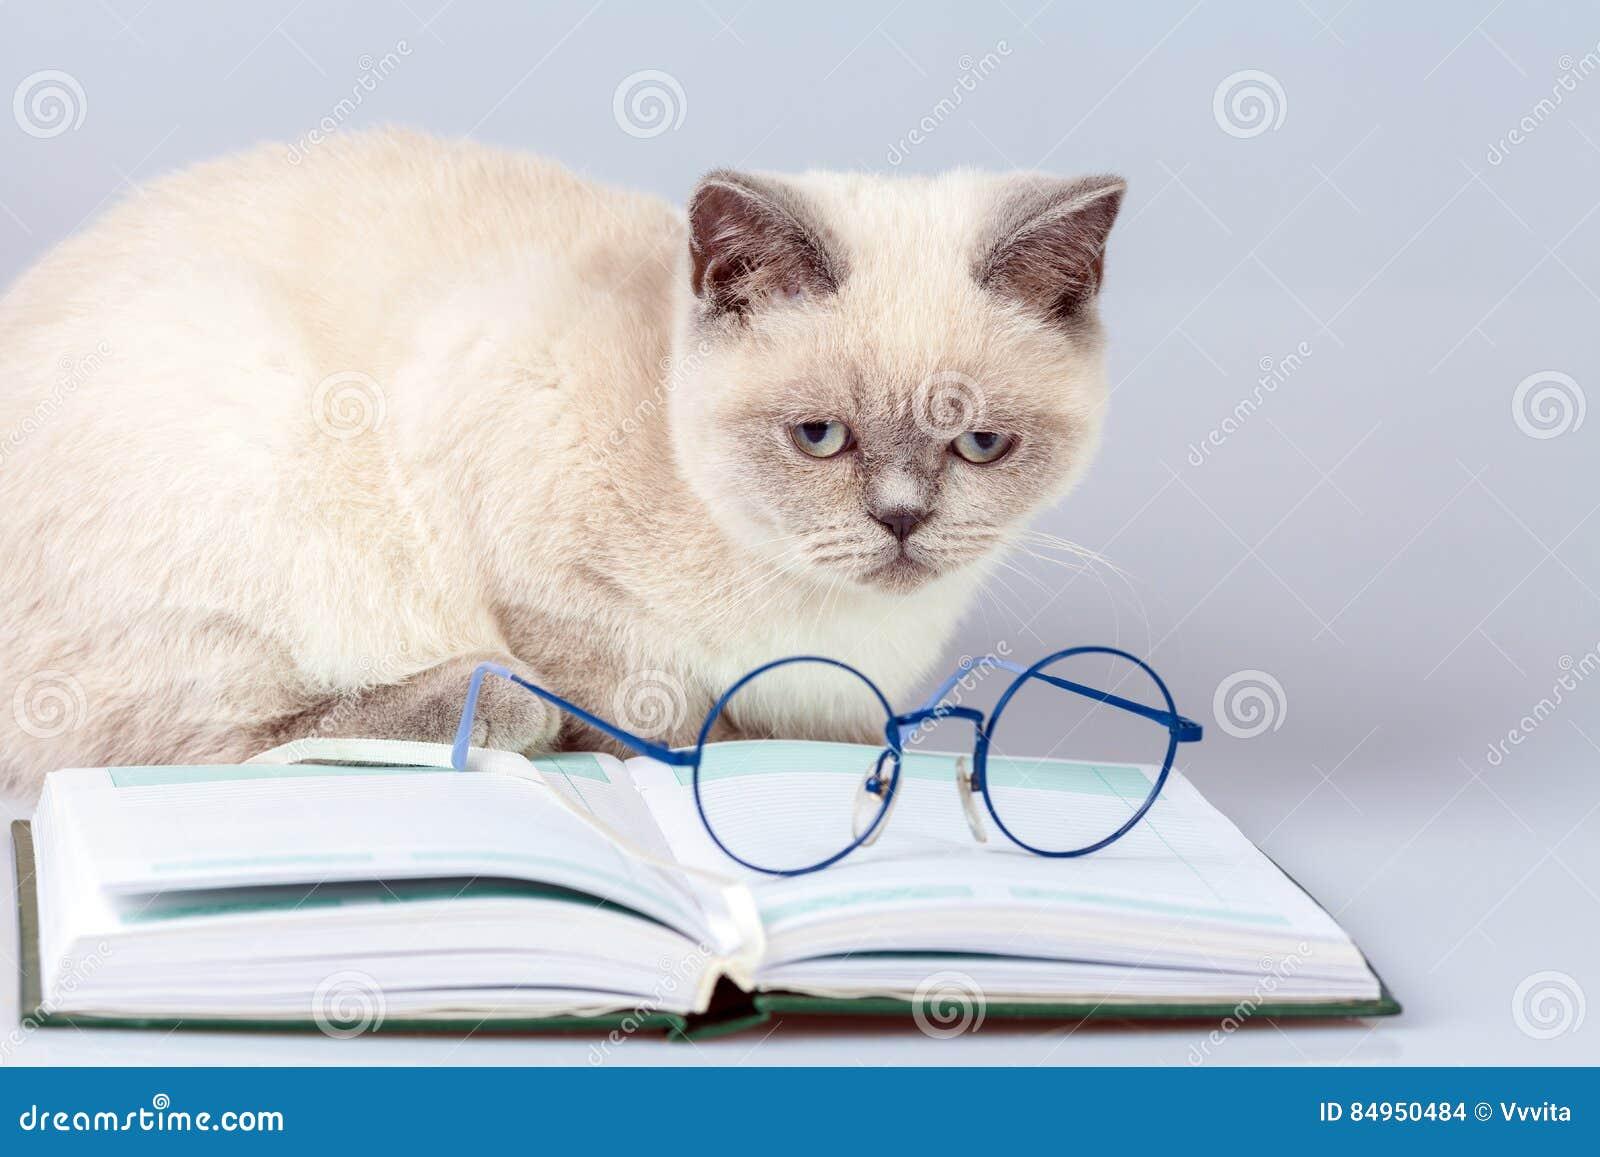 Γυαλιά, που βρίσκονται στο βιβλίο